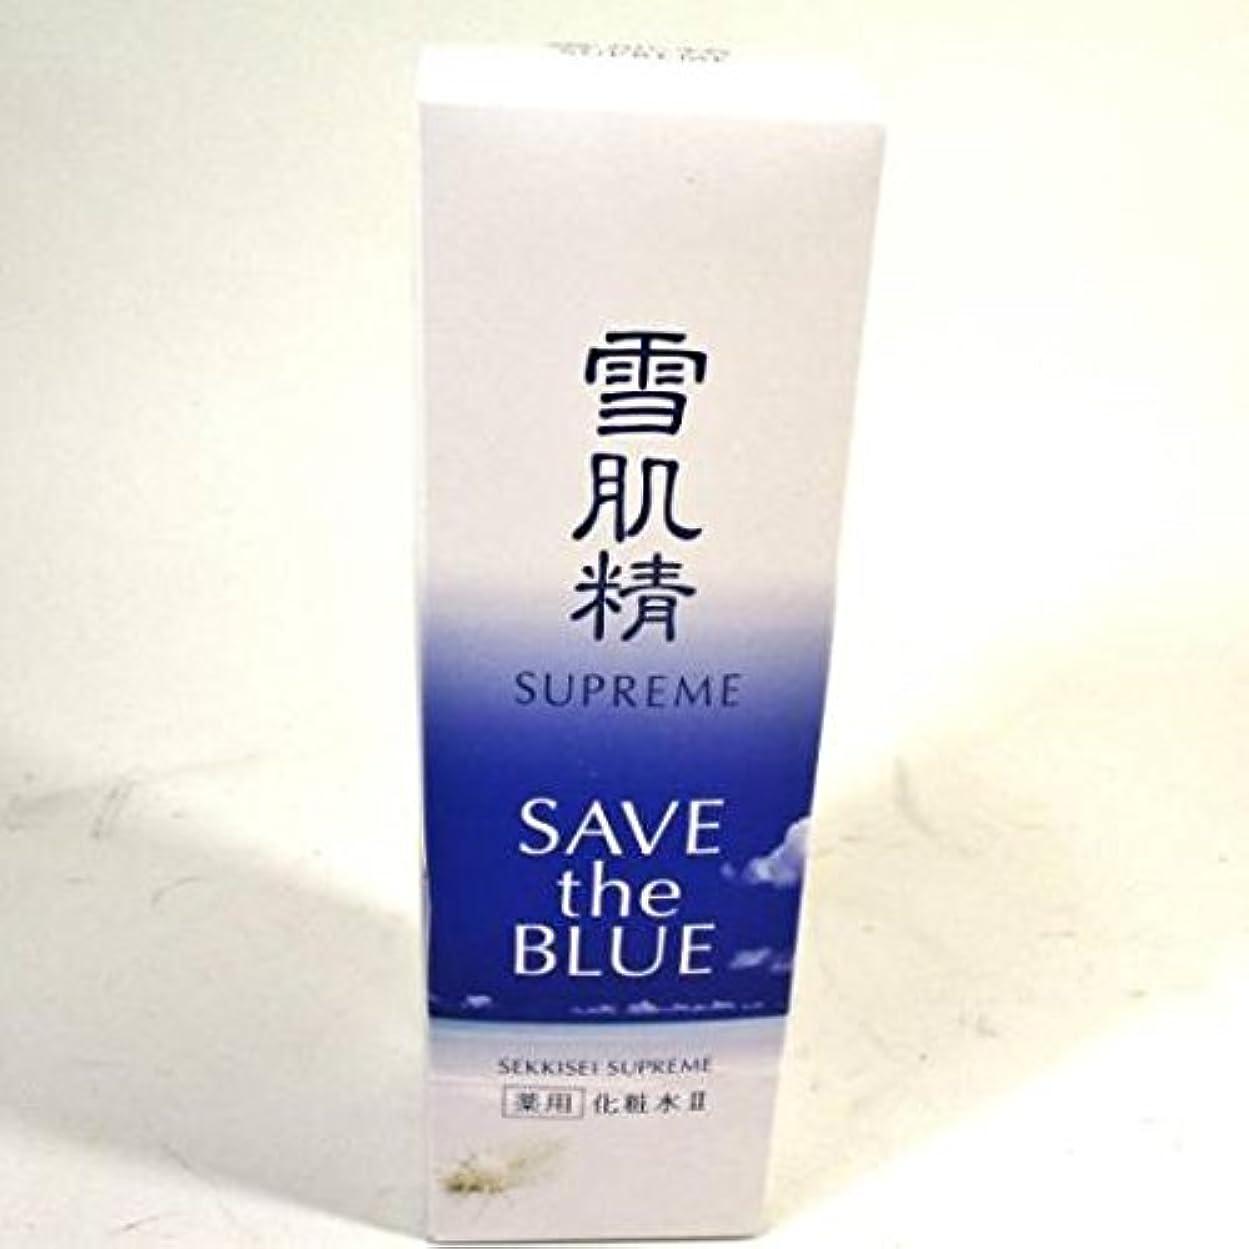 ハッピー干渉する素人コーセー 雪肌精 シュープレム 化粧水 Ⅱ 「SAVE the BLUE」 400ml